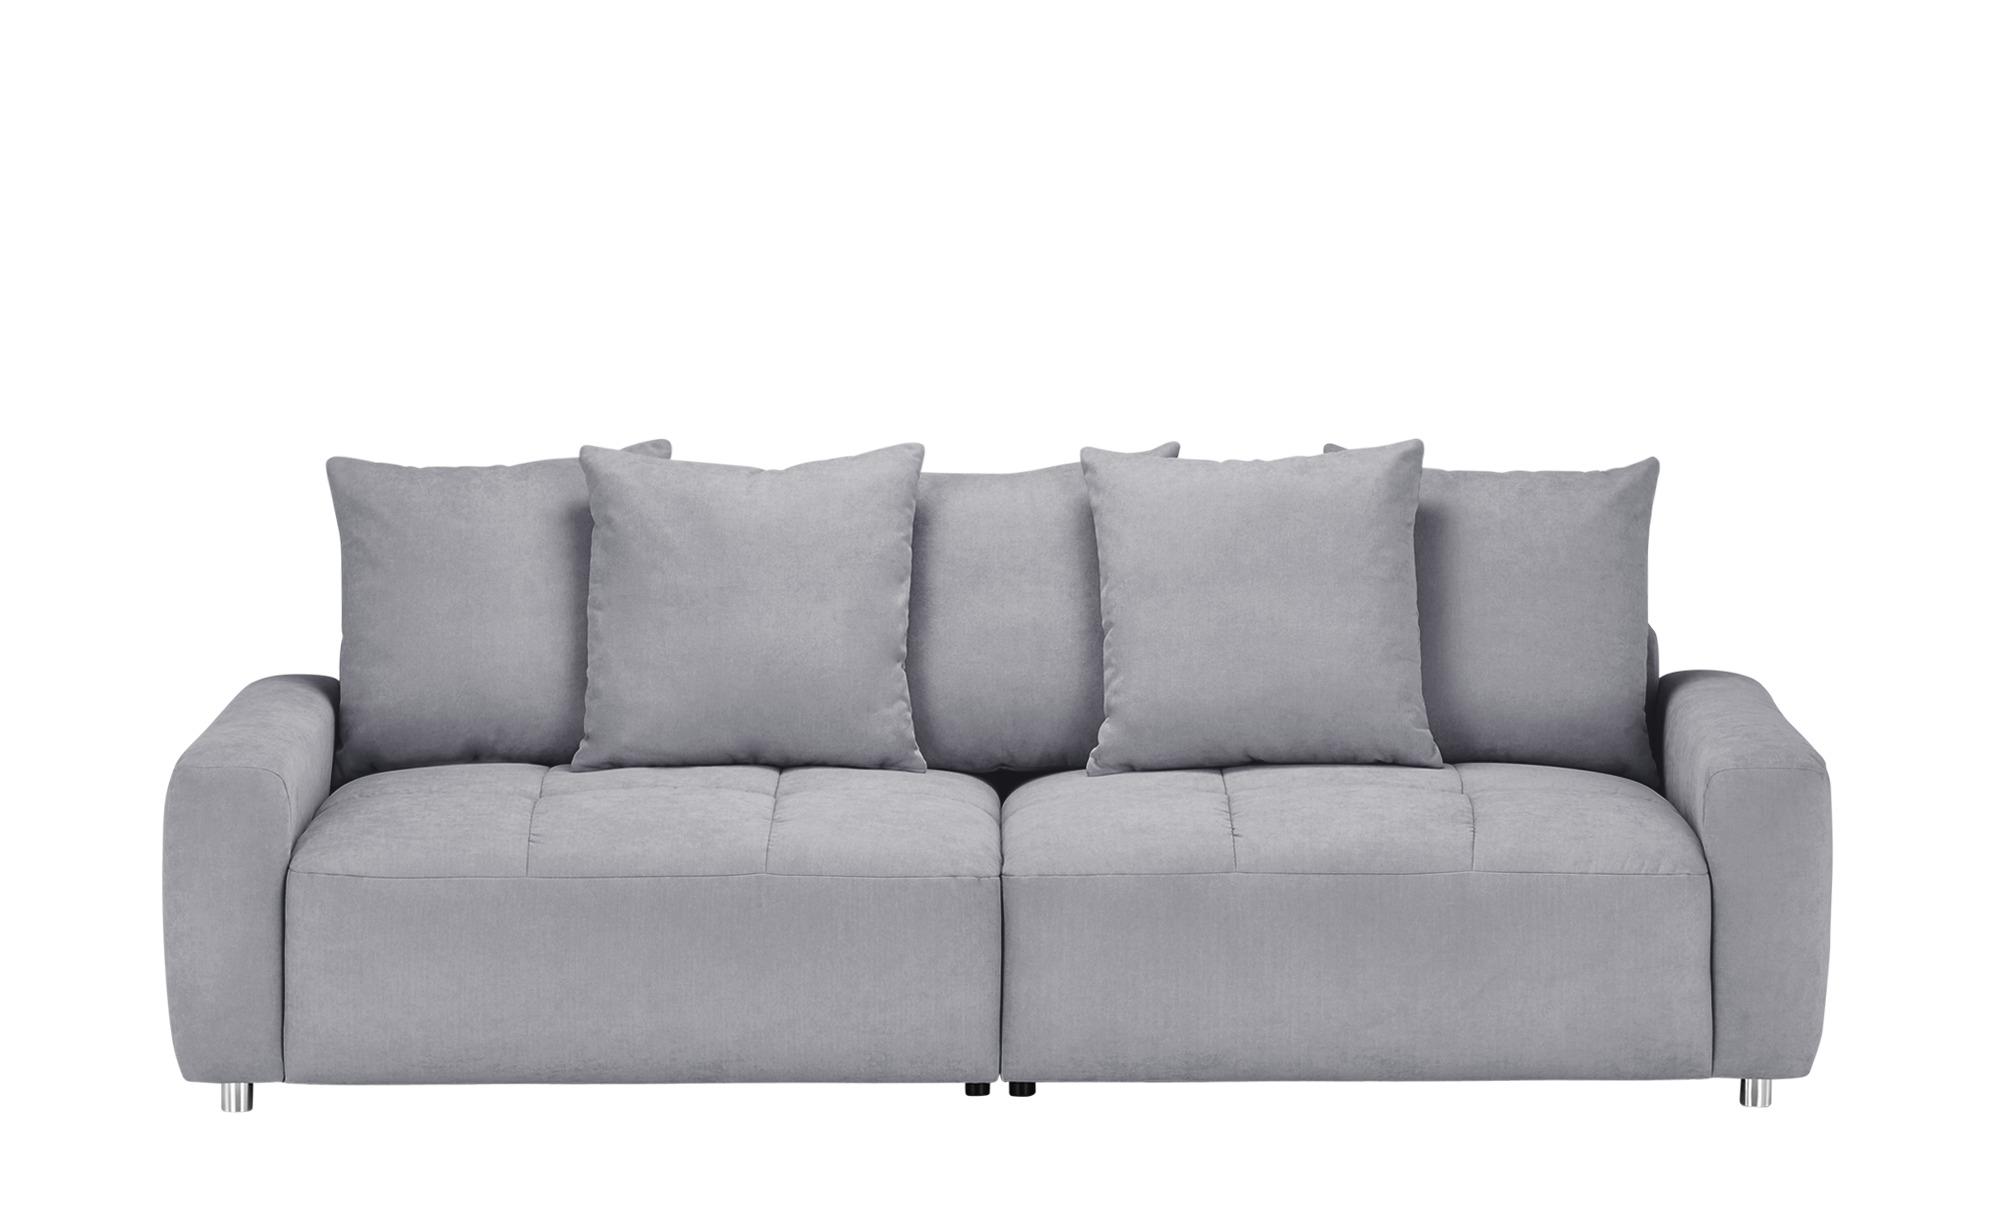 bobb Big Sofa  Betty ¦ grau ¦ Maße (cm): B: 266 H: 90 T: 104 Polstermöbel > Sofas > Big-Sofas - Höffner